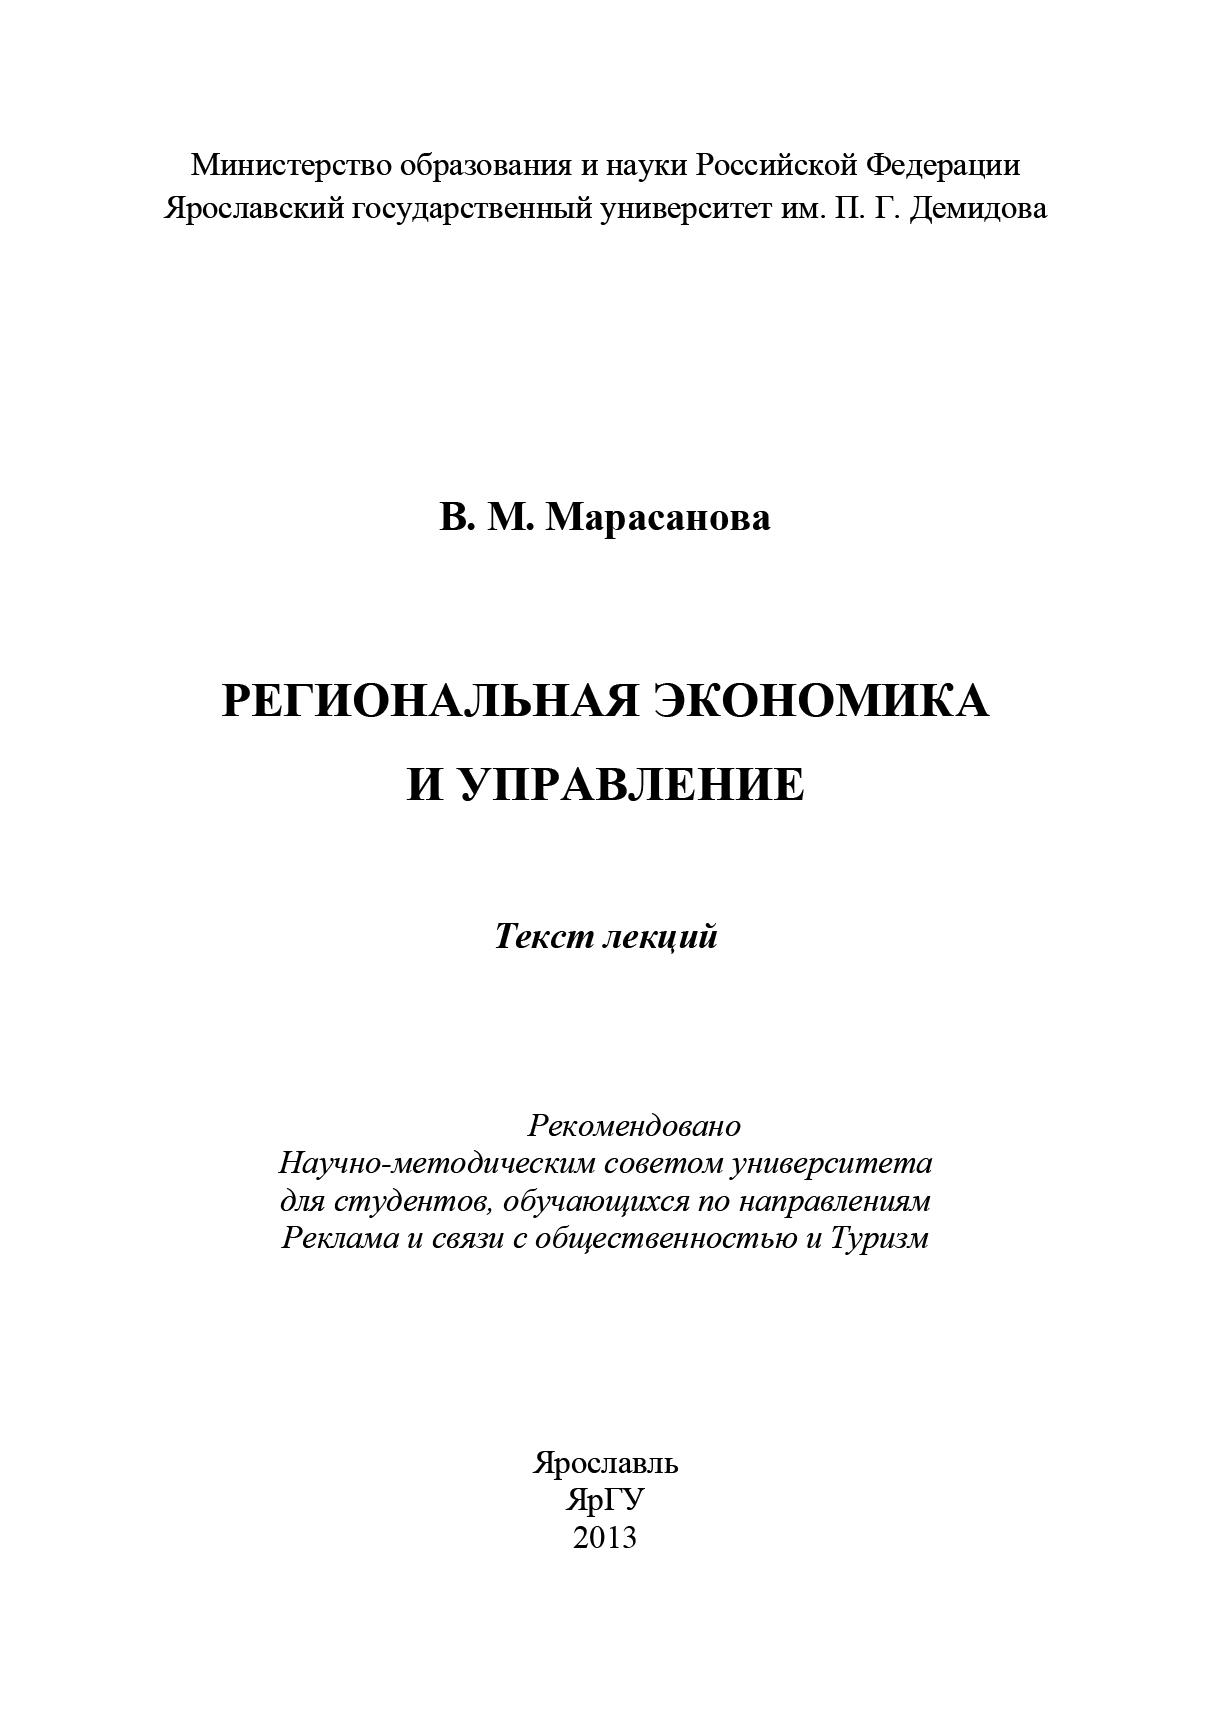 В. Марасанова Региональная экономика и управление о б хорева региональная экономика демографическая и миграционная политика